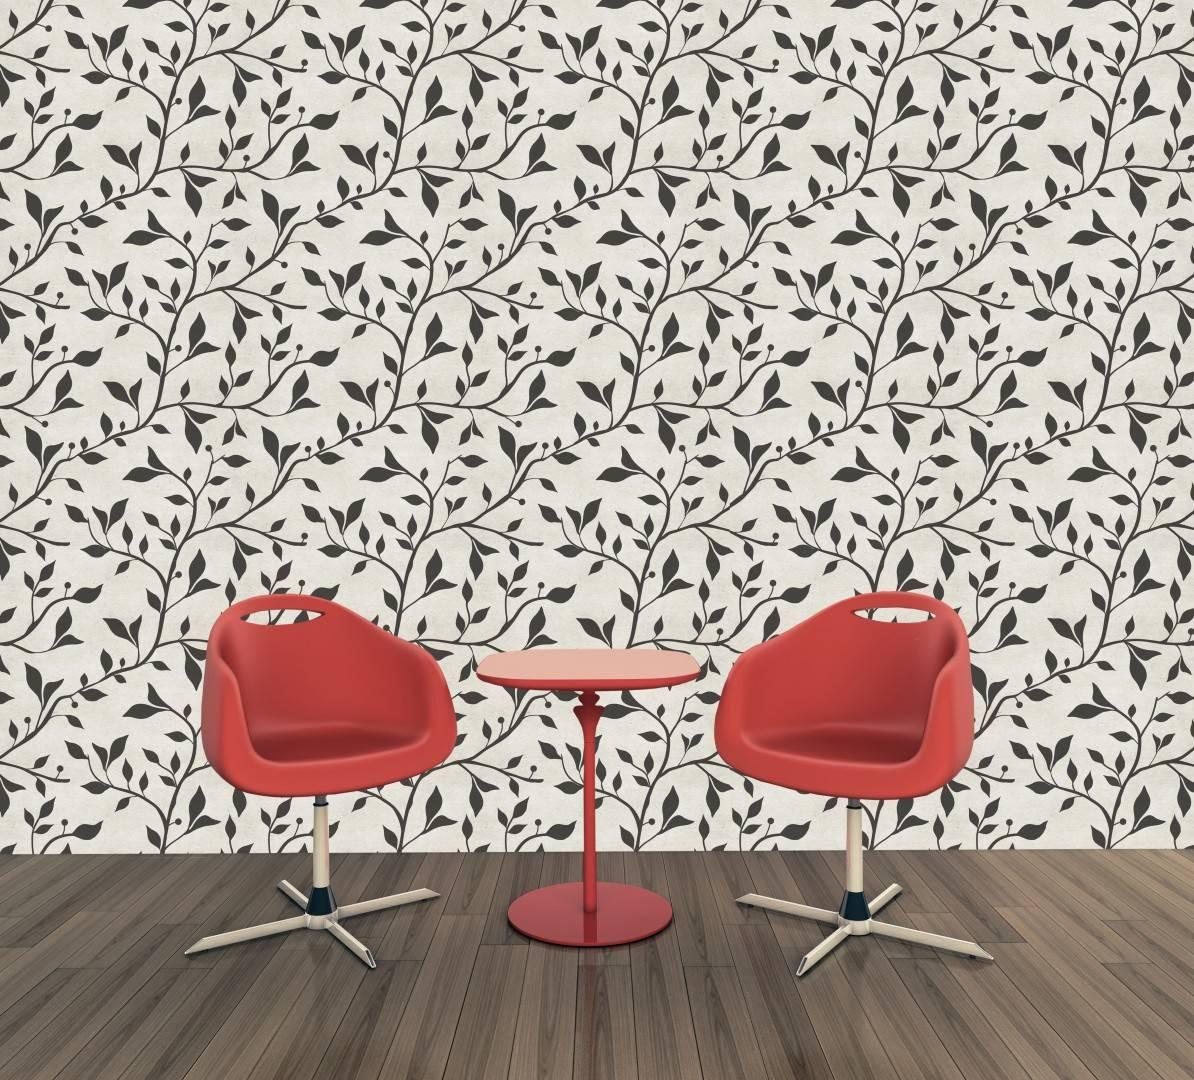 Papel de Parede Floral Preto e Branco | Adesivo Vinílico imagem 3